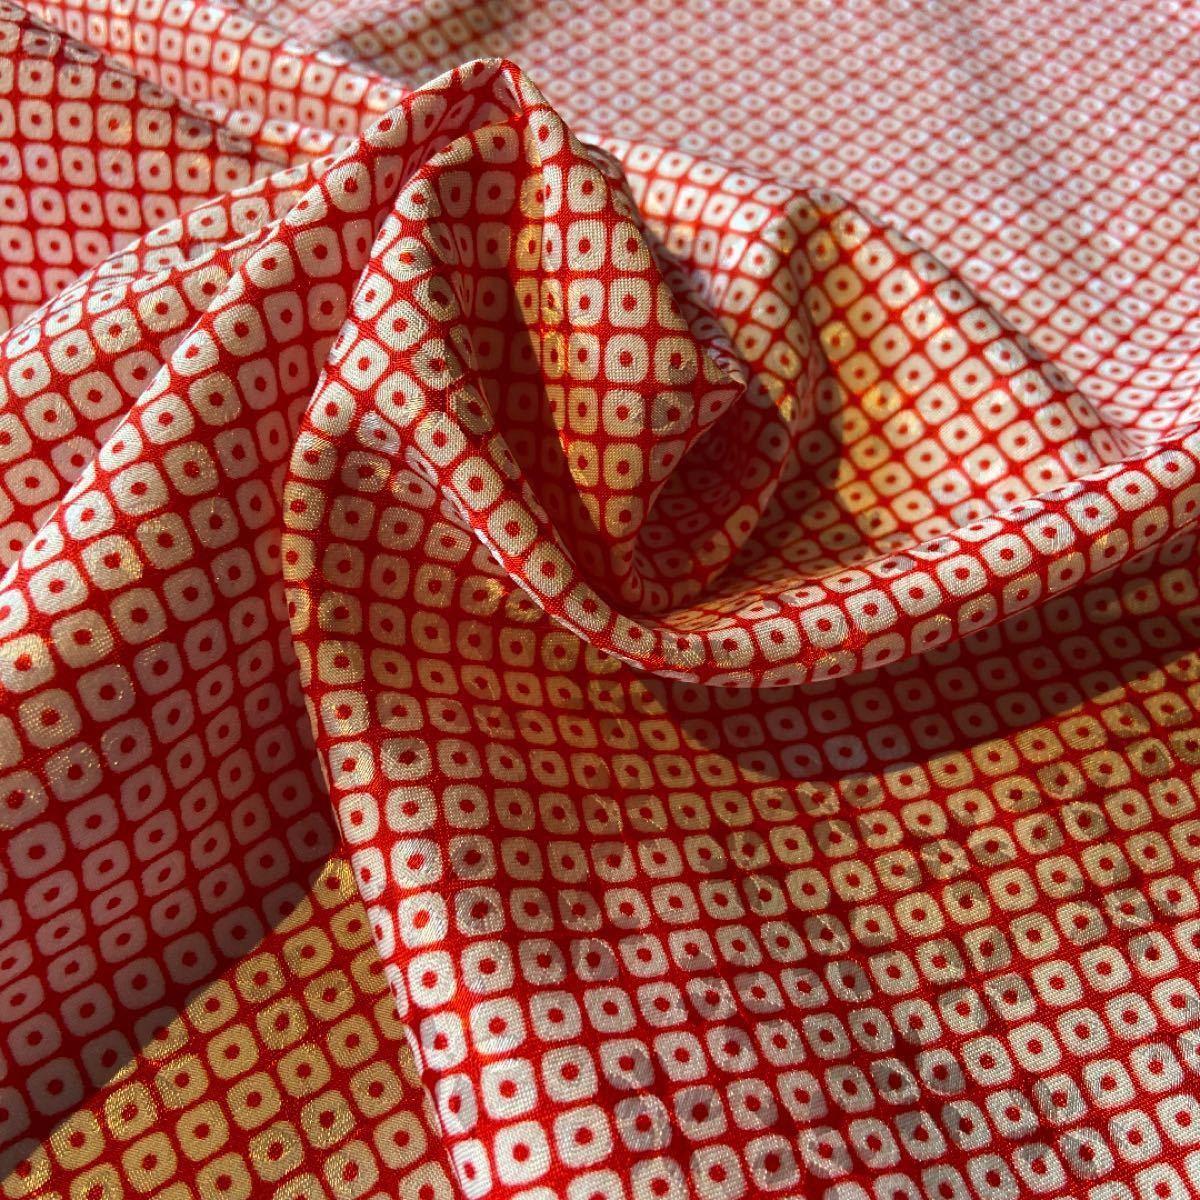 シルク薄手 正絹 桜ジャカード織 鹿の子柄 1m